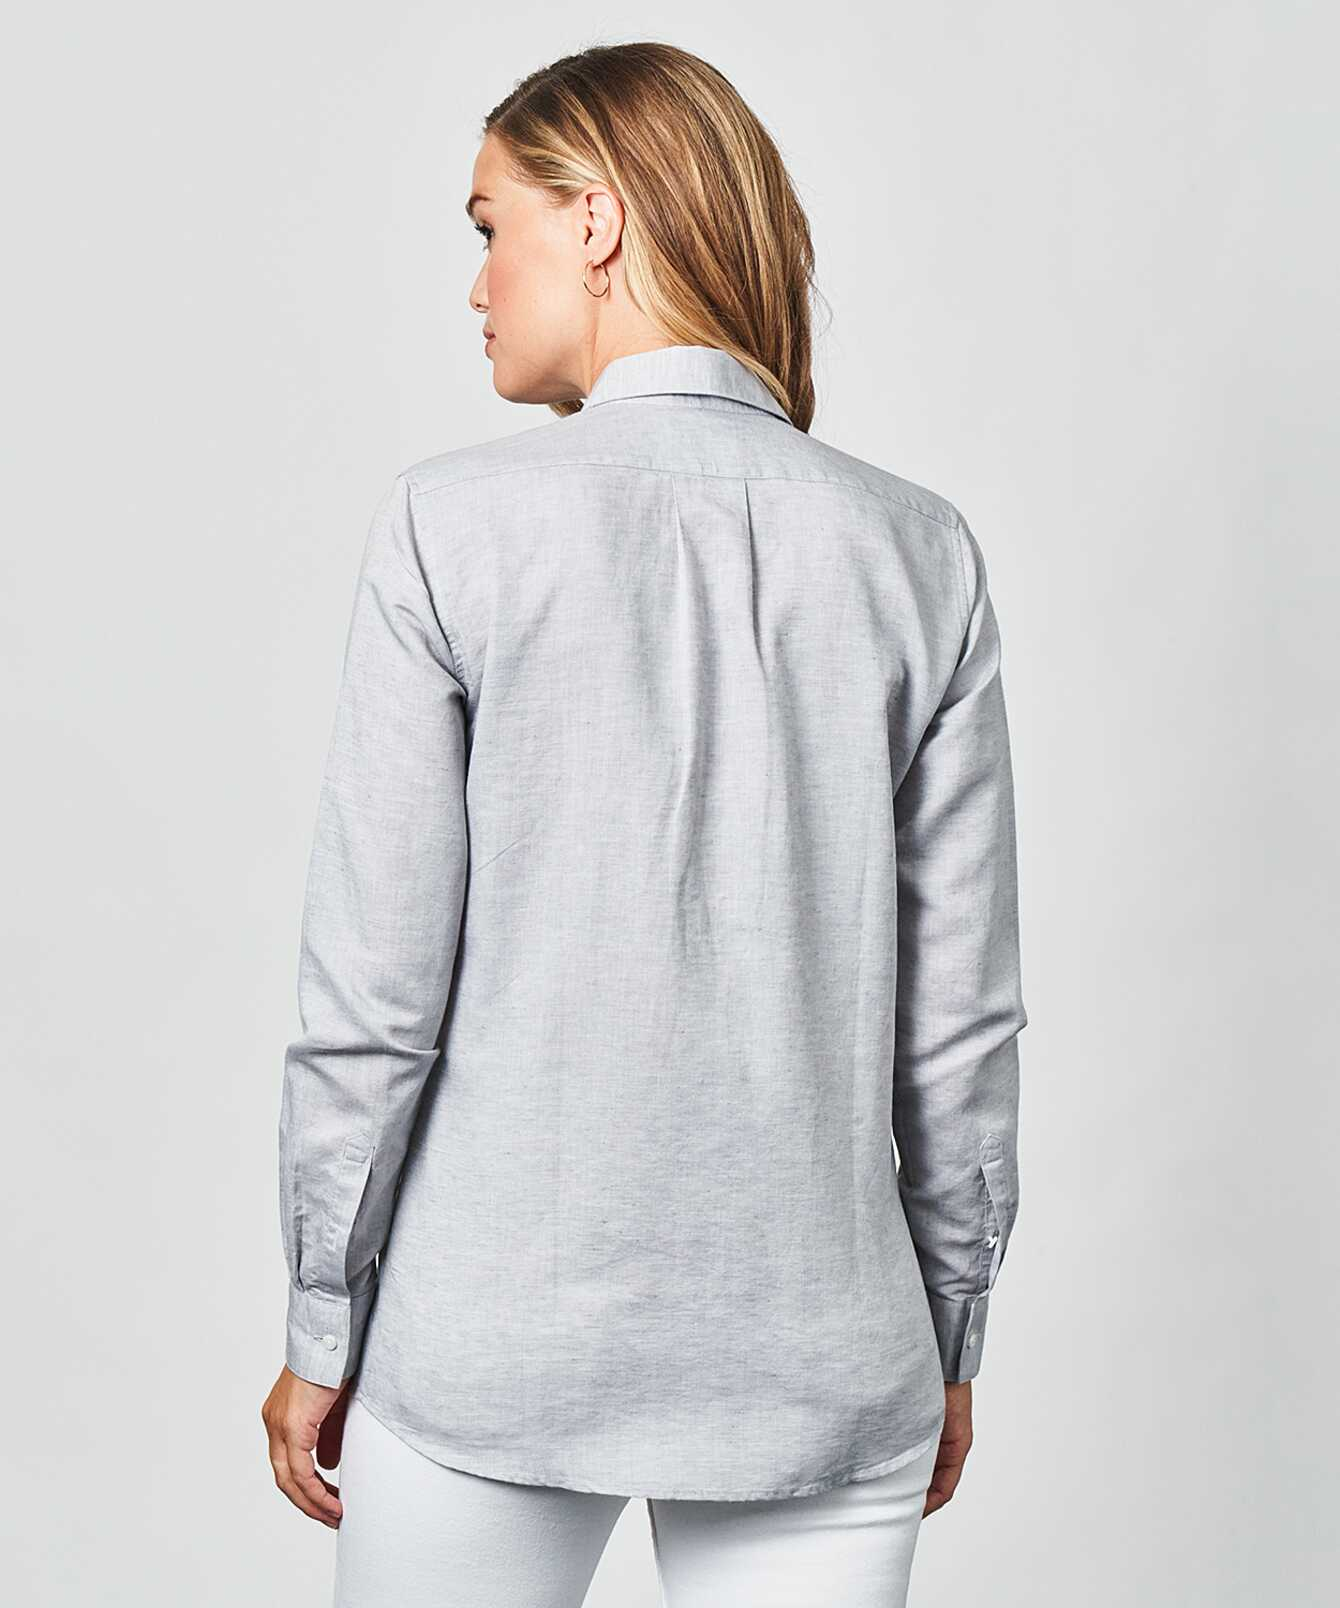 Skjorta Mickan Portofino Grå The Shirt Factory